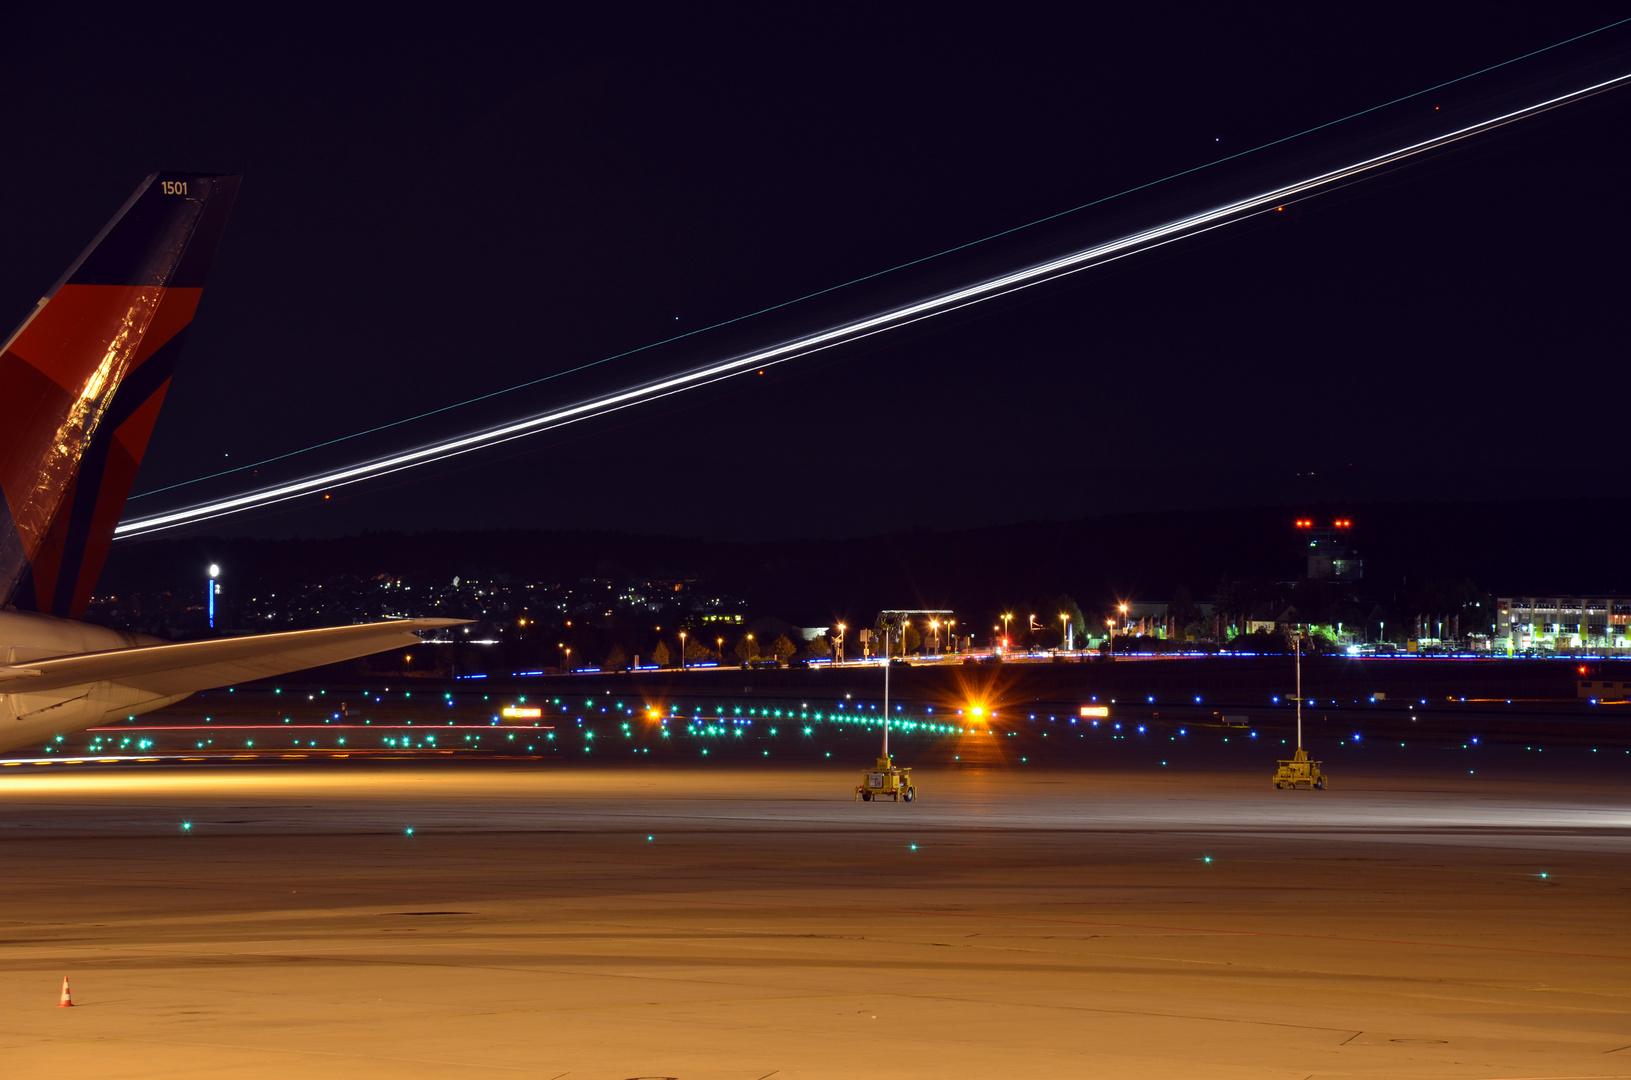 Flughafen-Vorfeld in Stuttgart bei Nacht 2